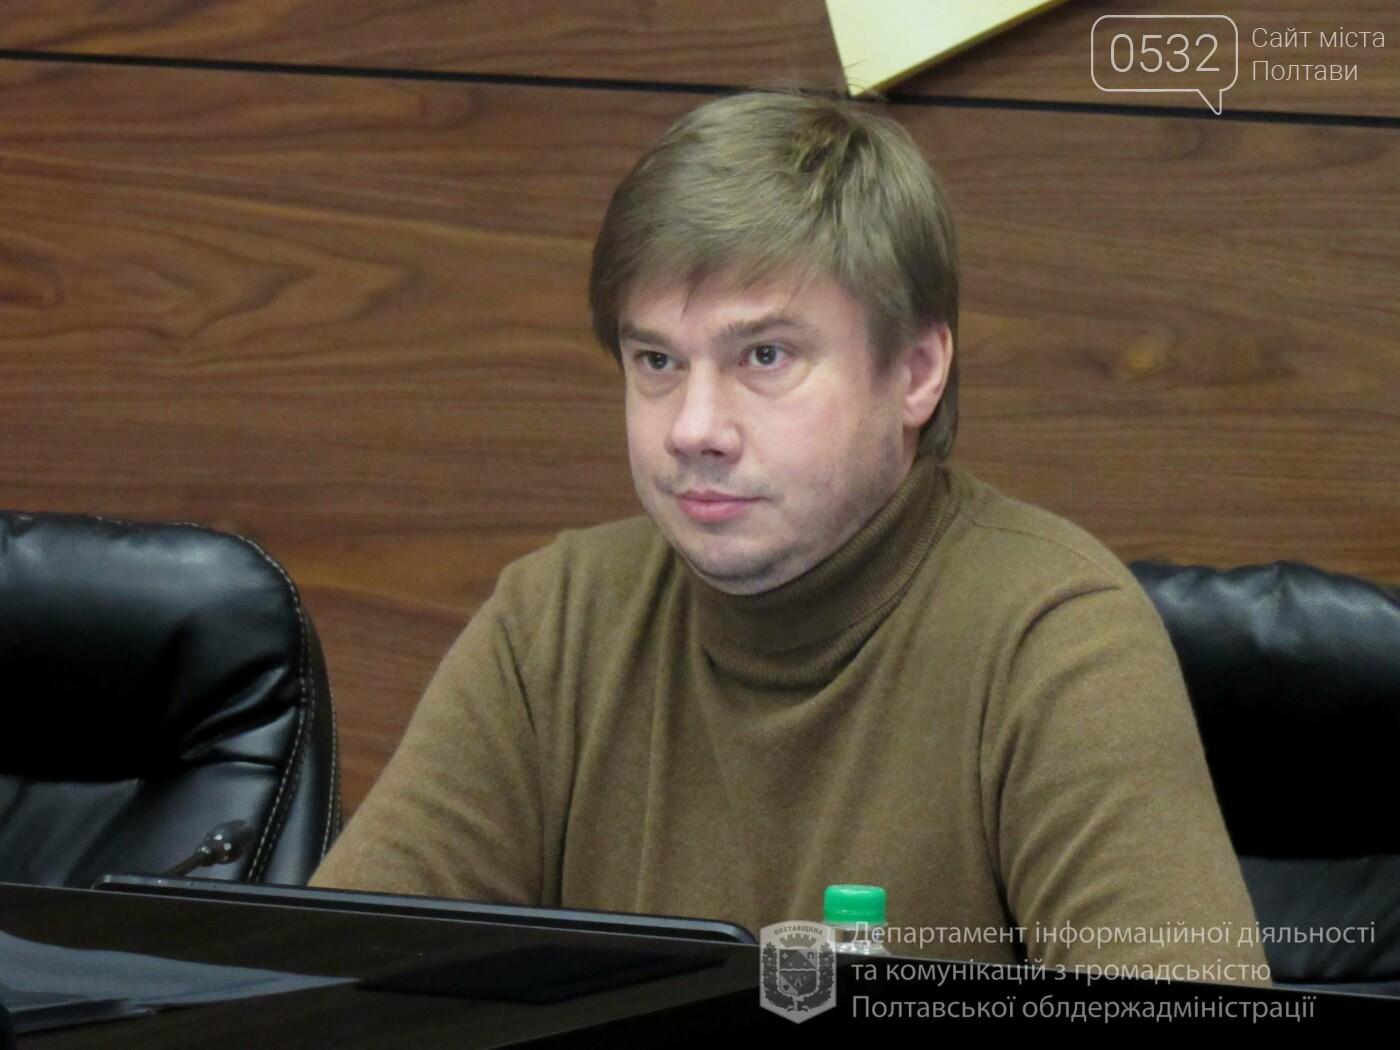 У 2020 році 2,4 мільярда гривень спрямують на субсидії та пільги в Полтавській області, фото-5